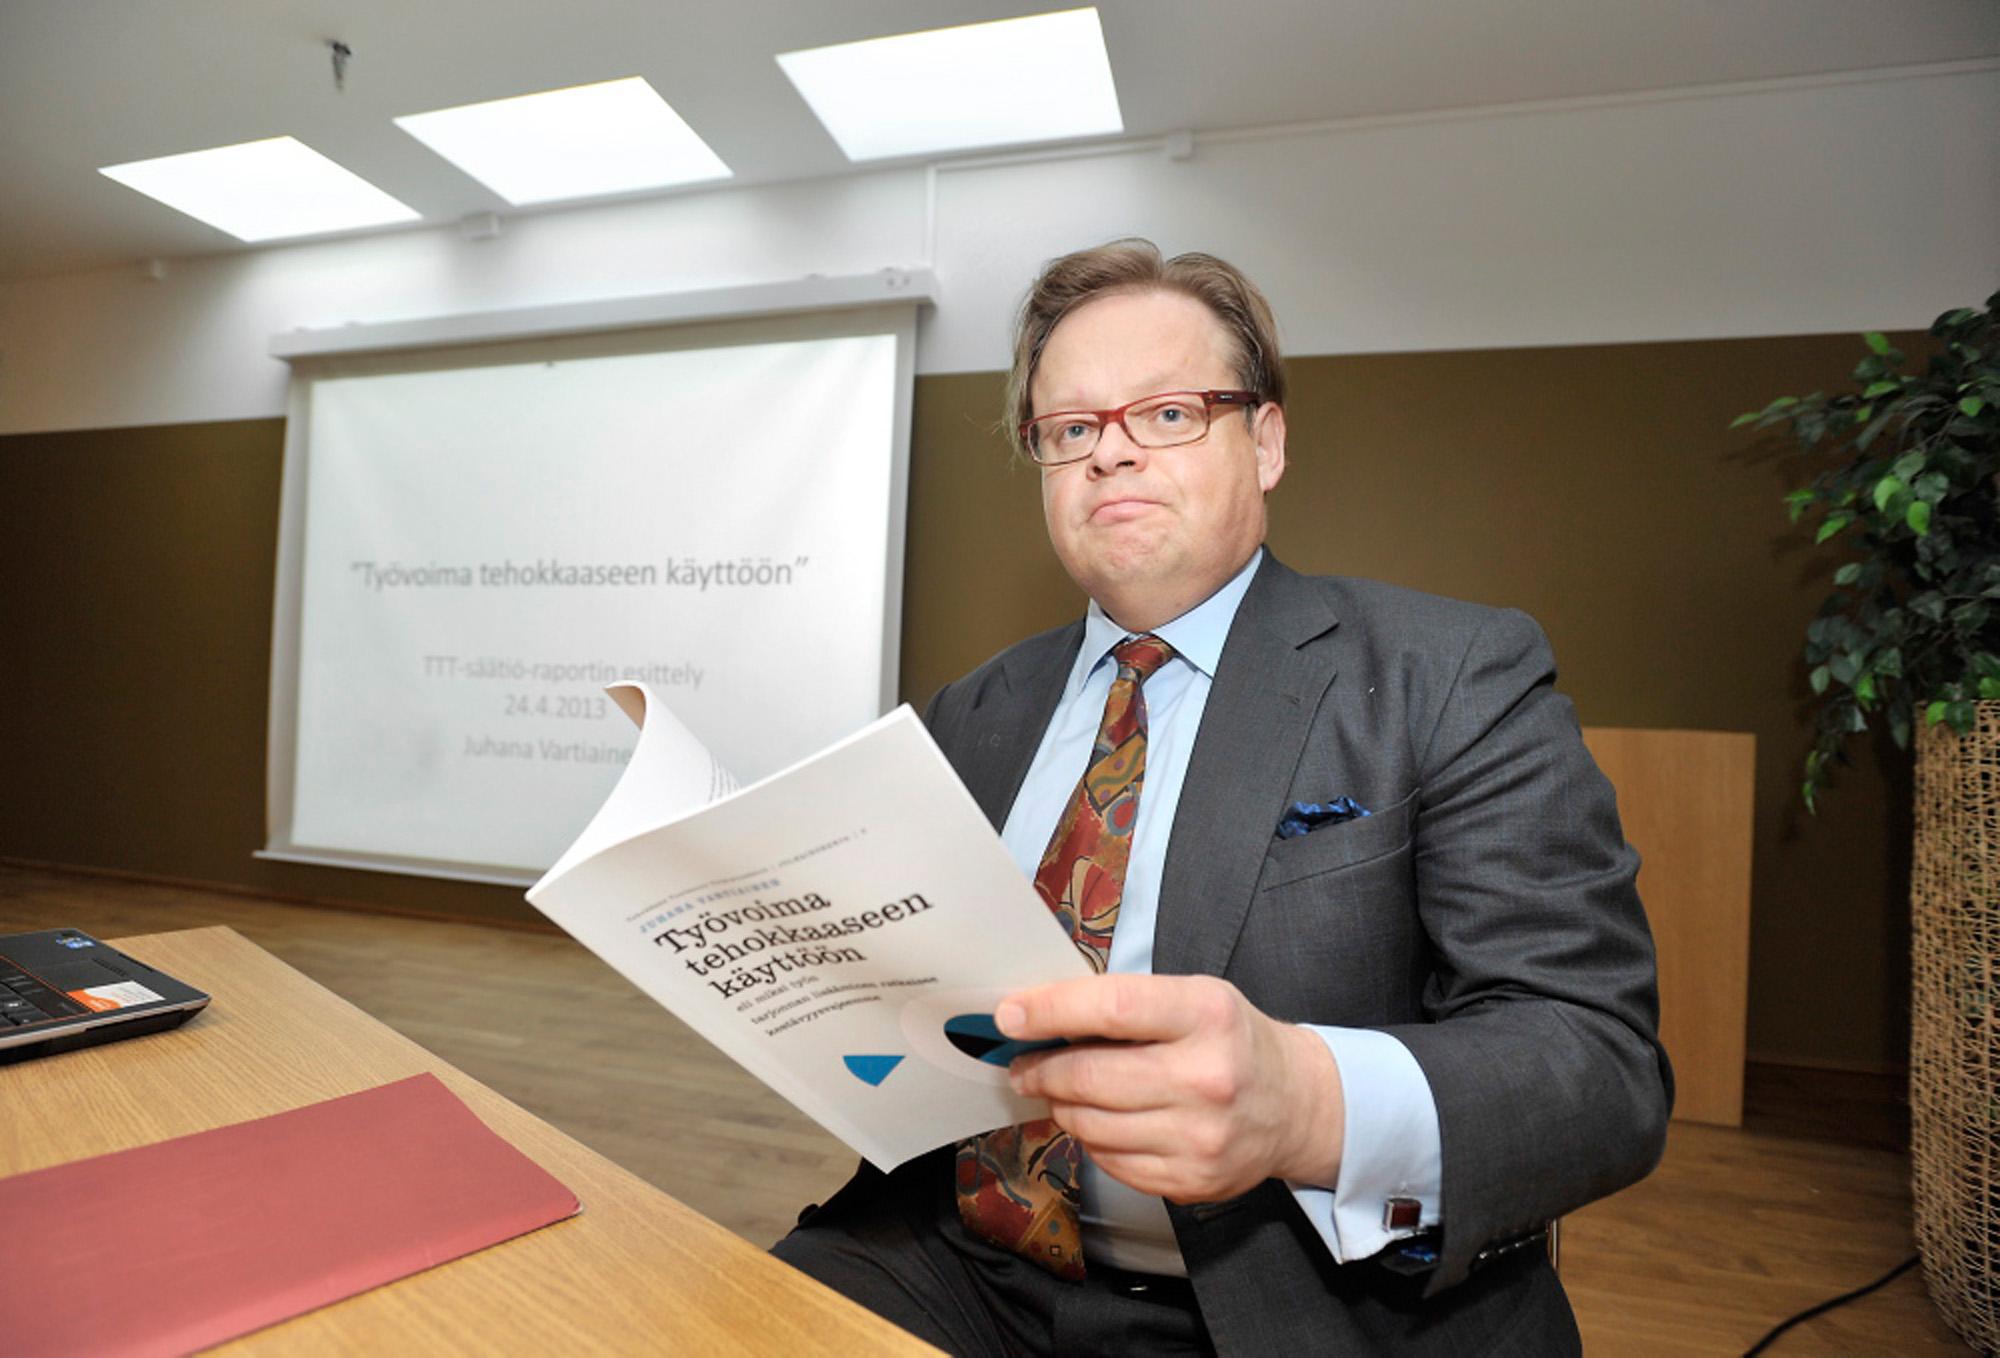 Juhana Vartiainen puhuttaa.